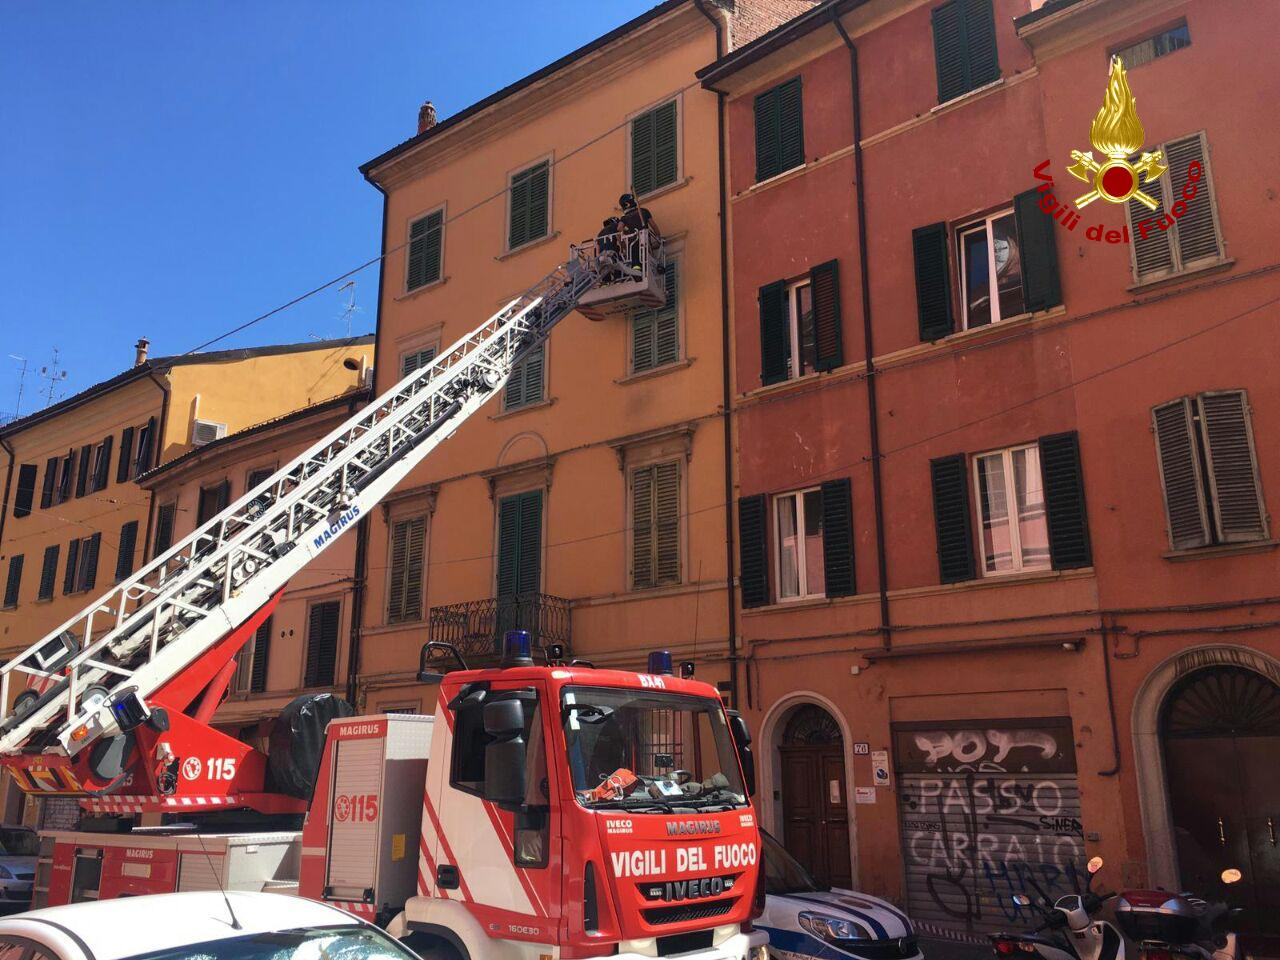 Bologna, parti pericolanti da un palazzo storico in centro: in via Goito intervengono i Vigili del Fuoco